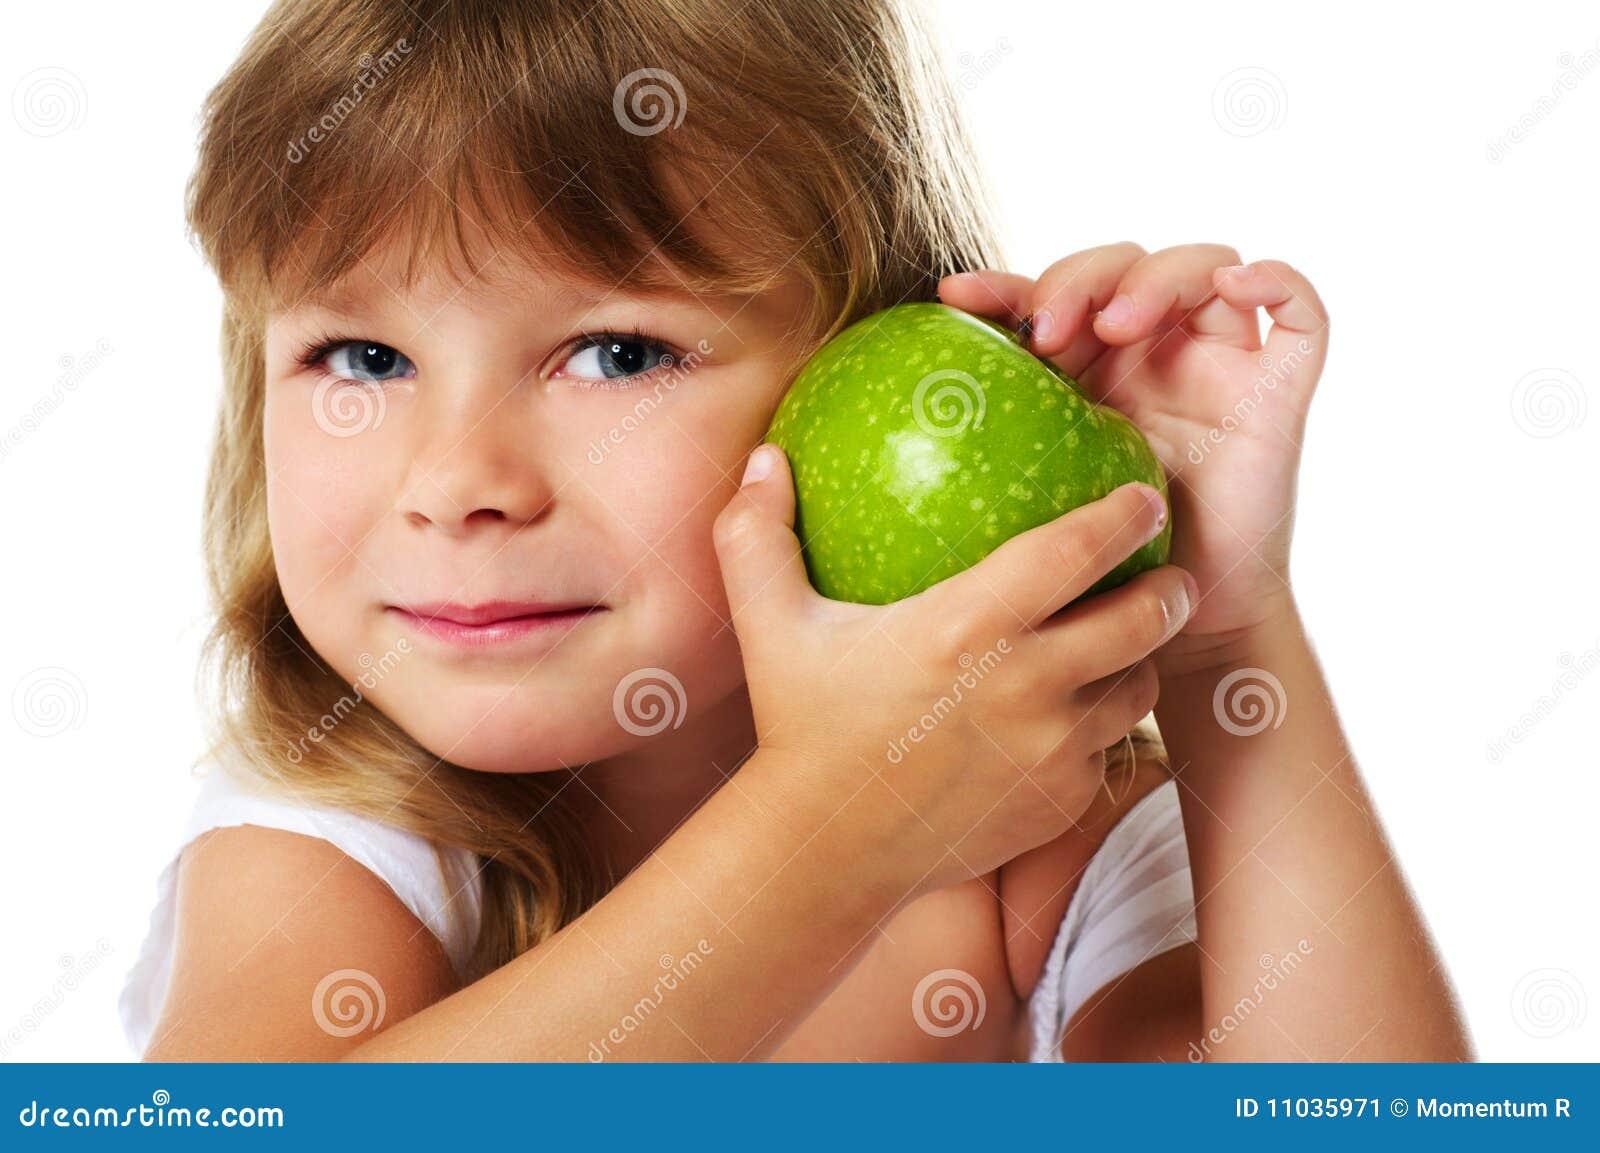 Little girl holding green apple